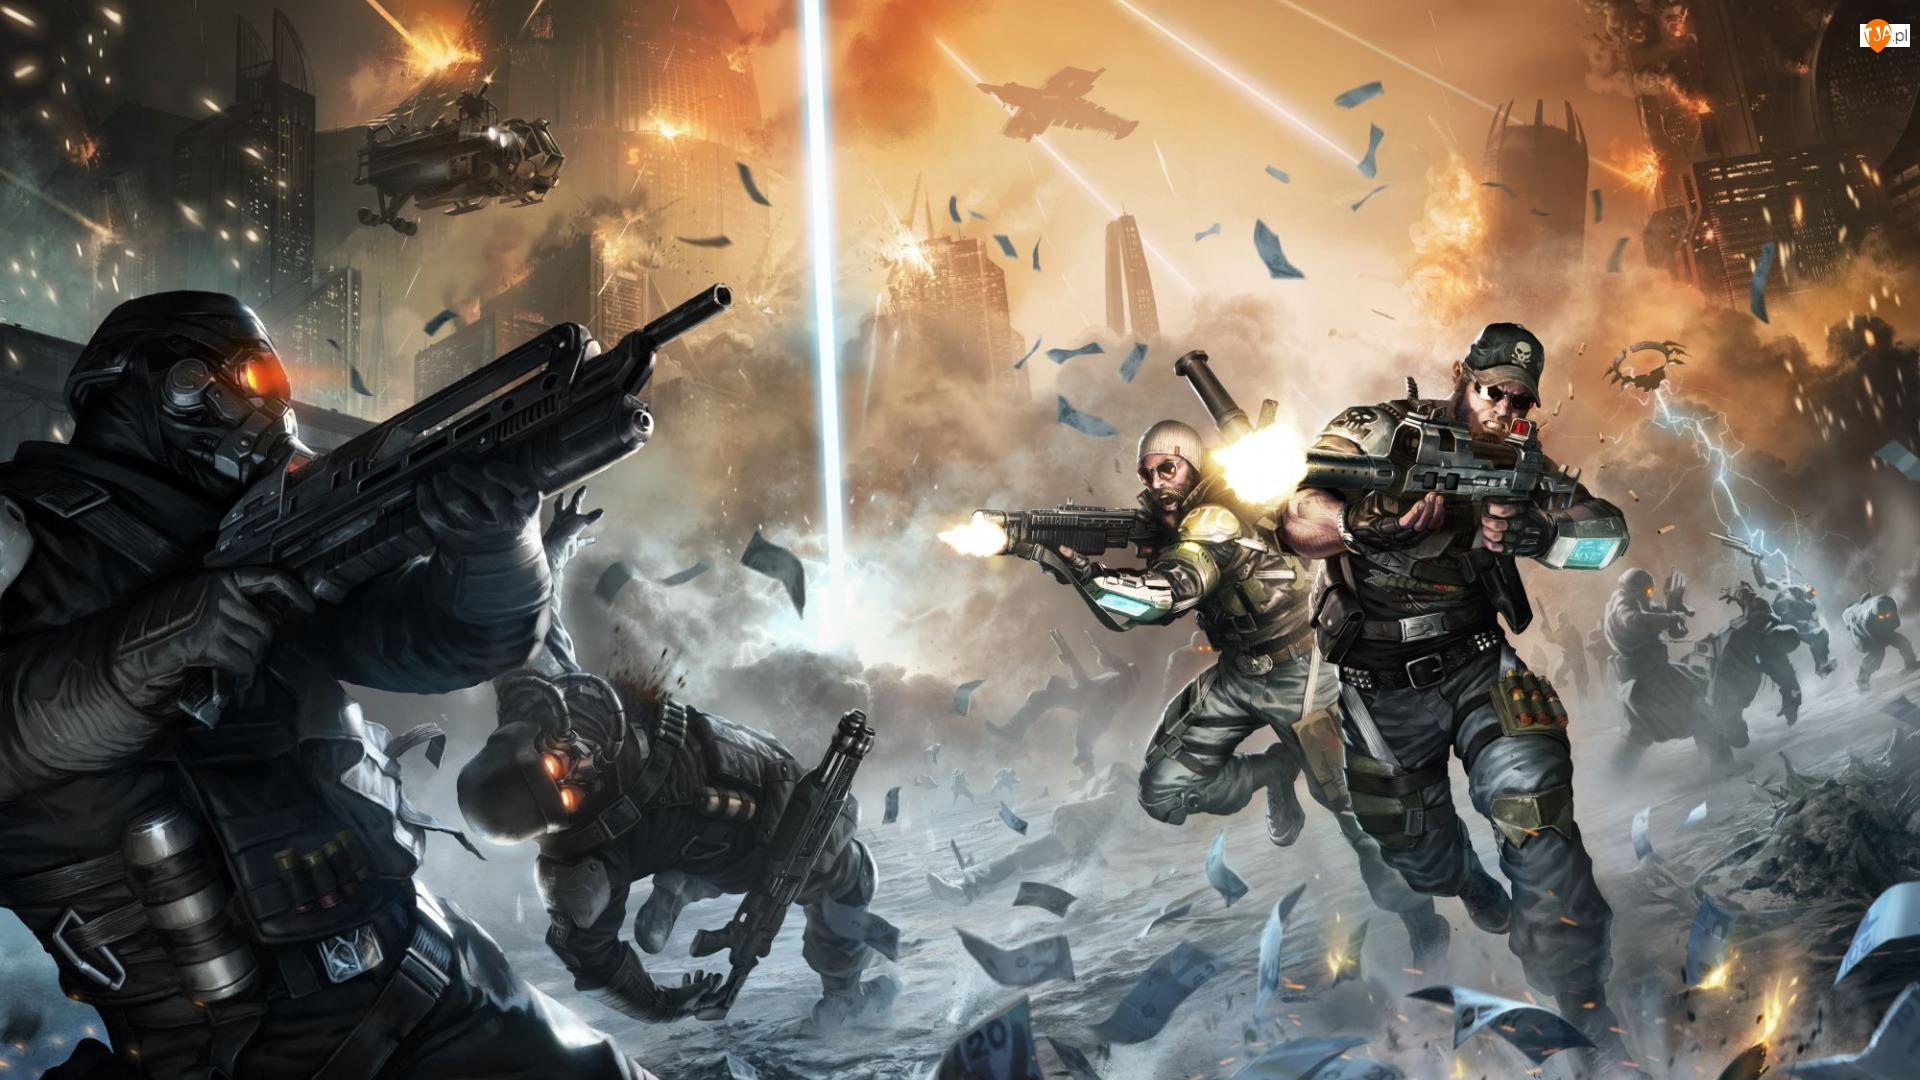 Walka, Gra, Postacie, Bitwa, Killzone Najemnik, Żołnierze, Strzały, Killzone Mercenary